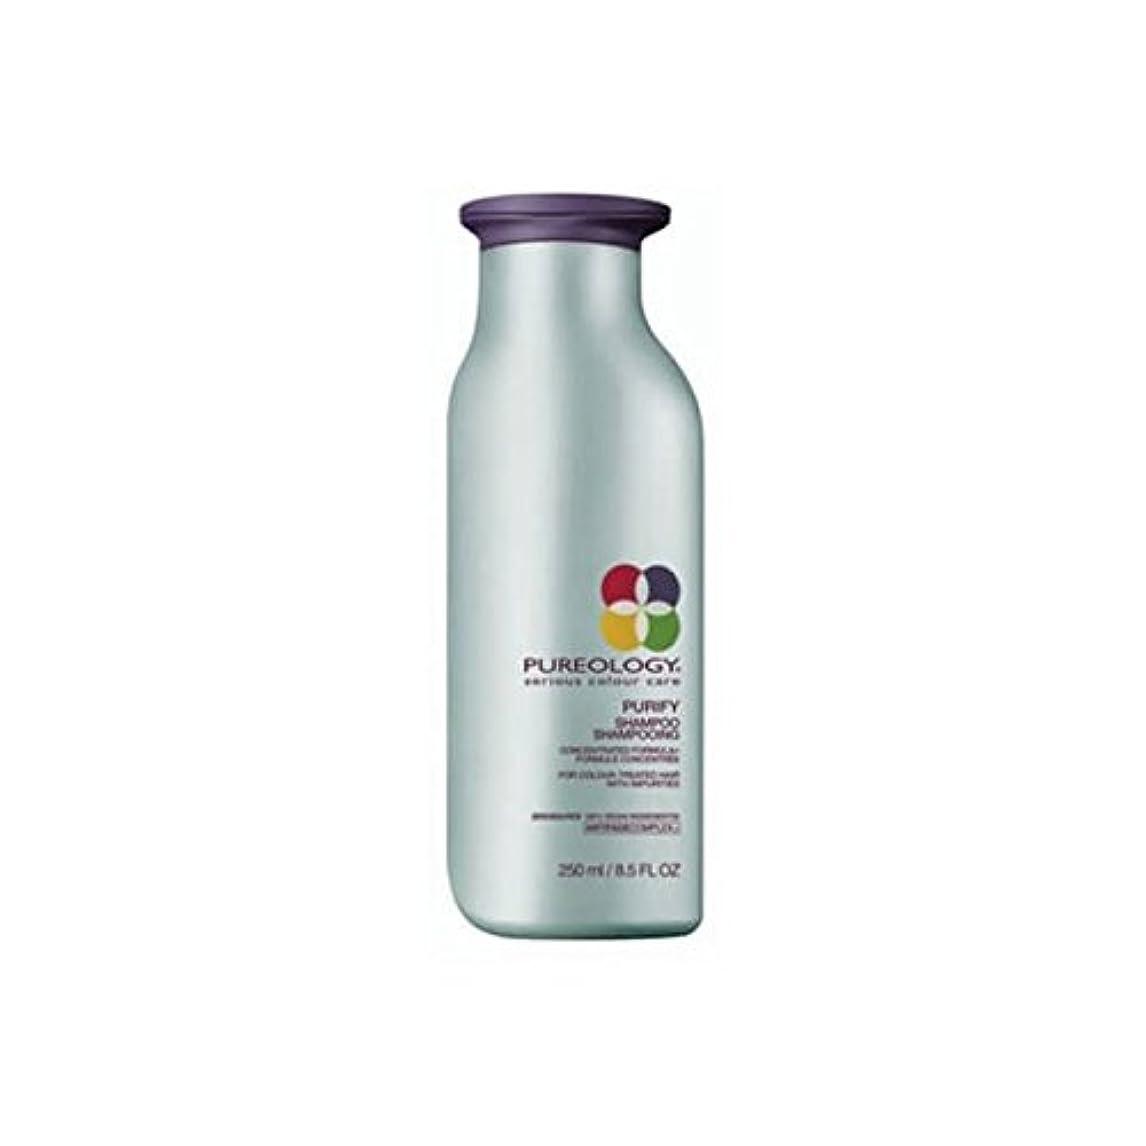 羽理由いちゃつくPureology Purify Shampoo (250ml) (Pack of 6) - シャンプー(250ミリリットル)を浄化します x6 [並行輸入品]